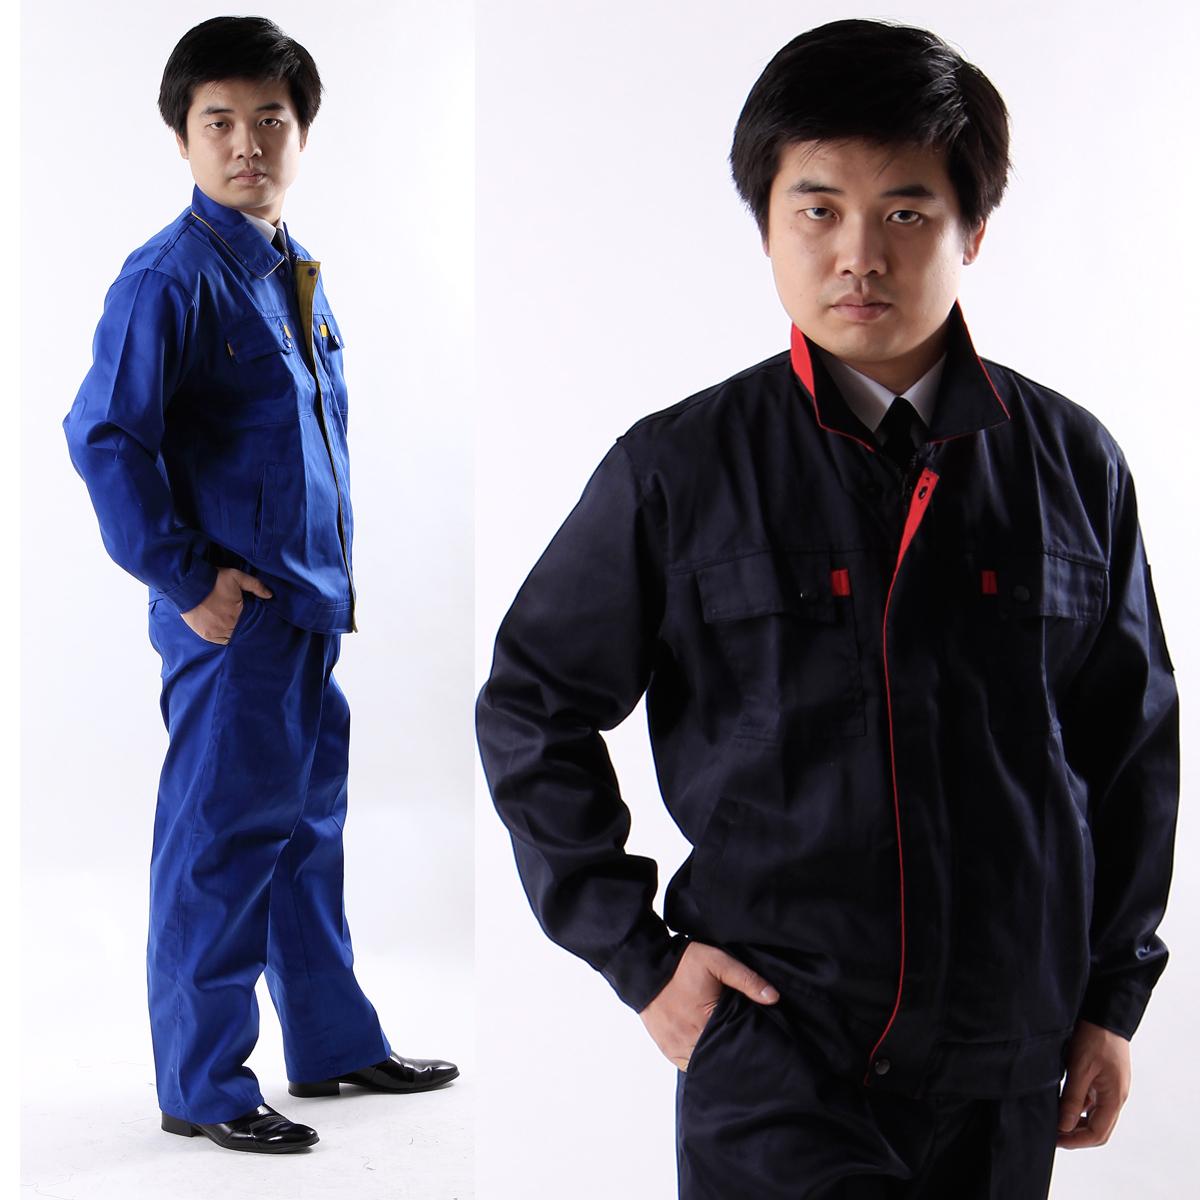 工作服 长袖工程服  汽修服装 工作服套装男 长袖工装  GF-002